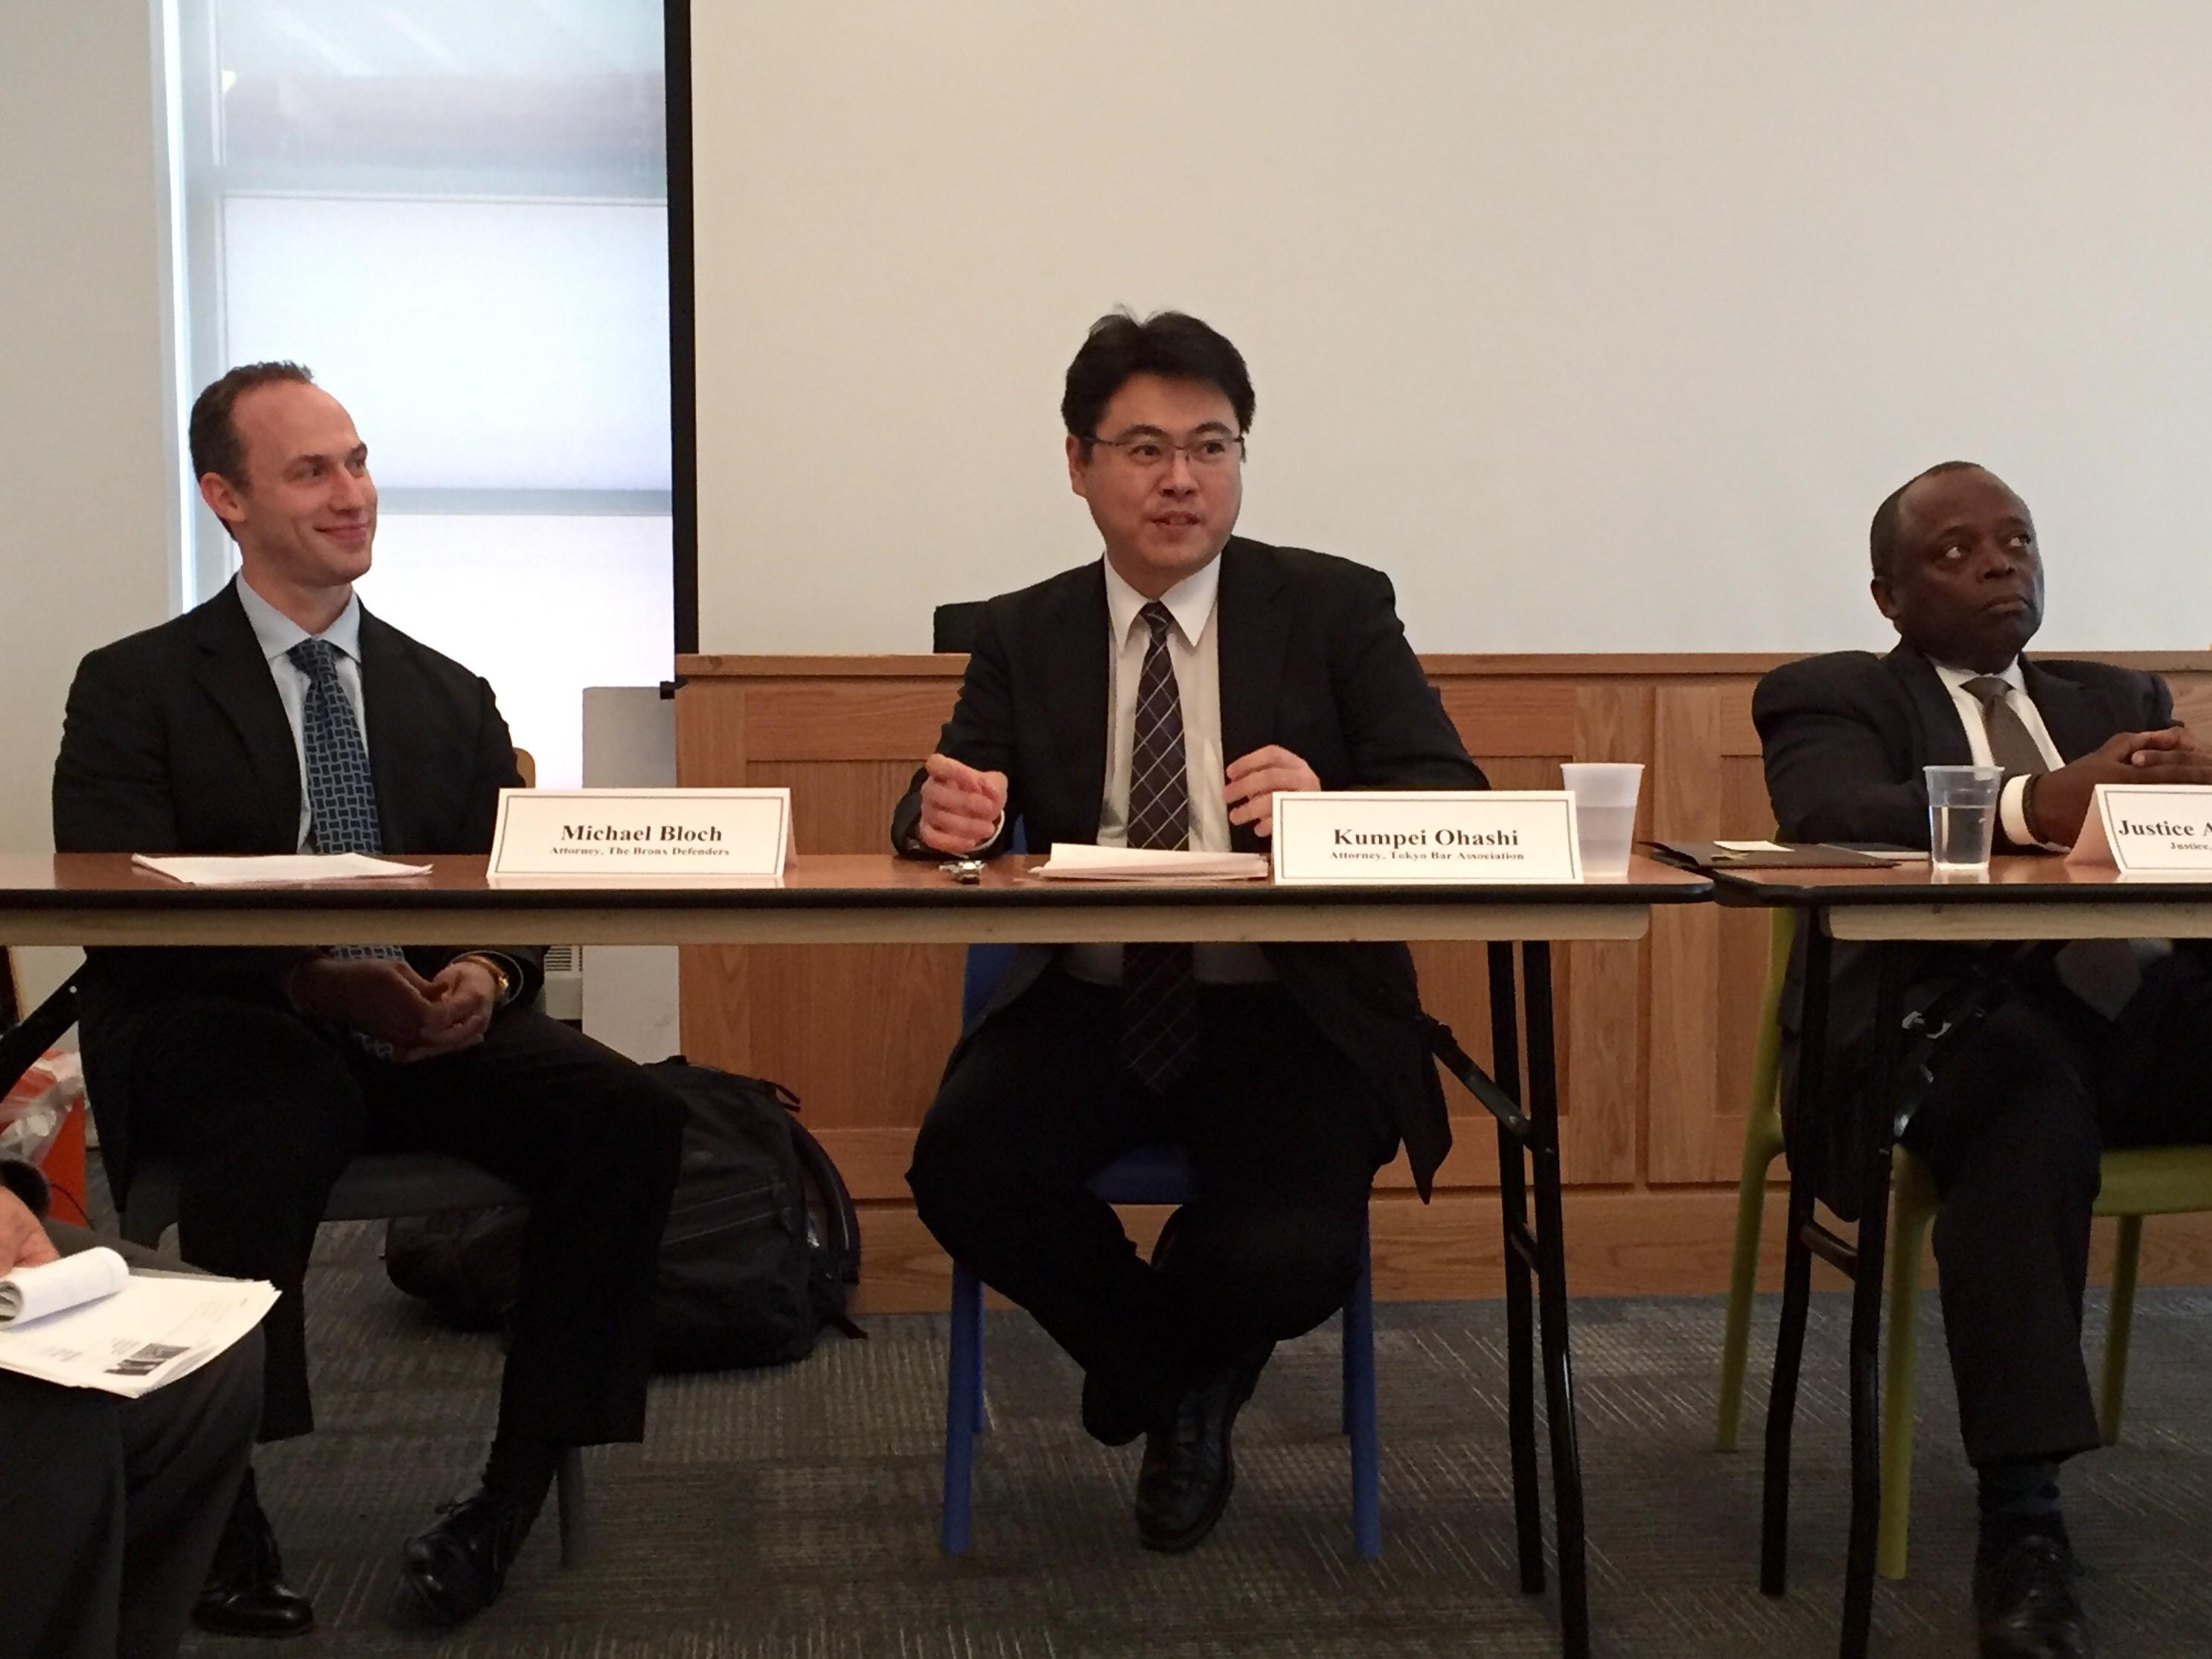 Delegation of criminal defense attorneys from Japan visit BxD